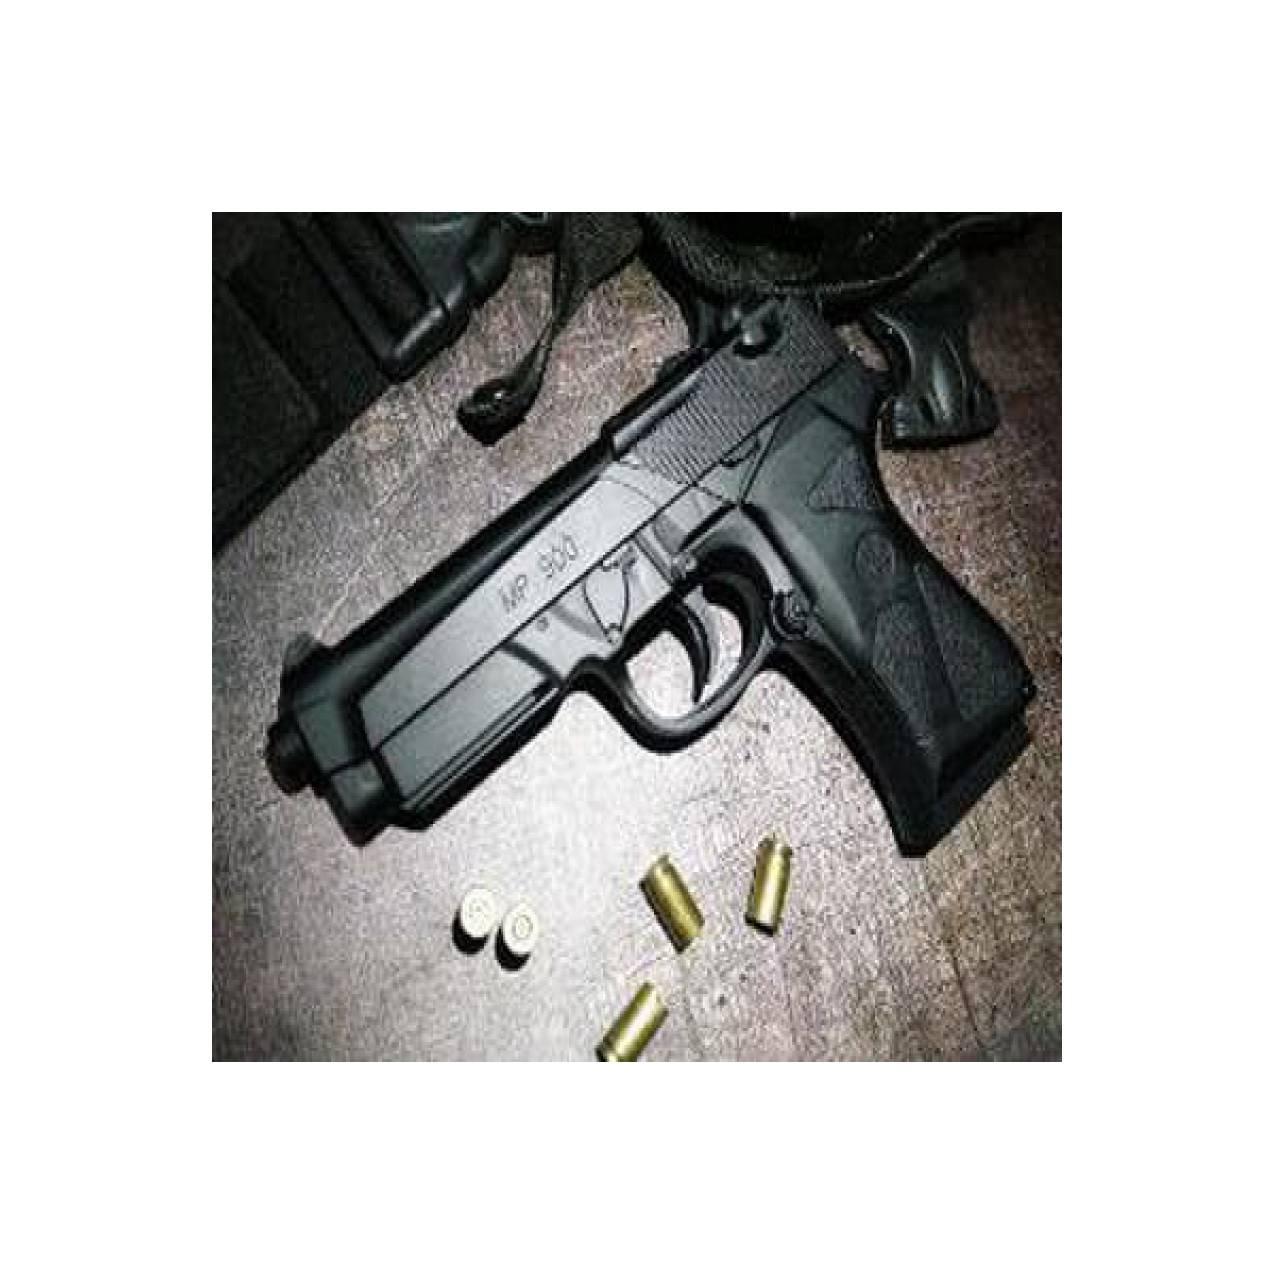 Fitur Softcase Tas Pistol Airsoftgun Twkfur Dan Harga Terbaru Info Mainan Petasan Korek Api Spring Beretta M90 Two Limited